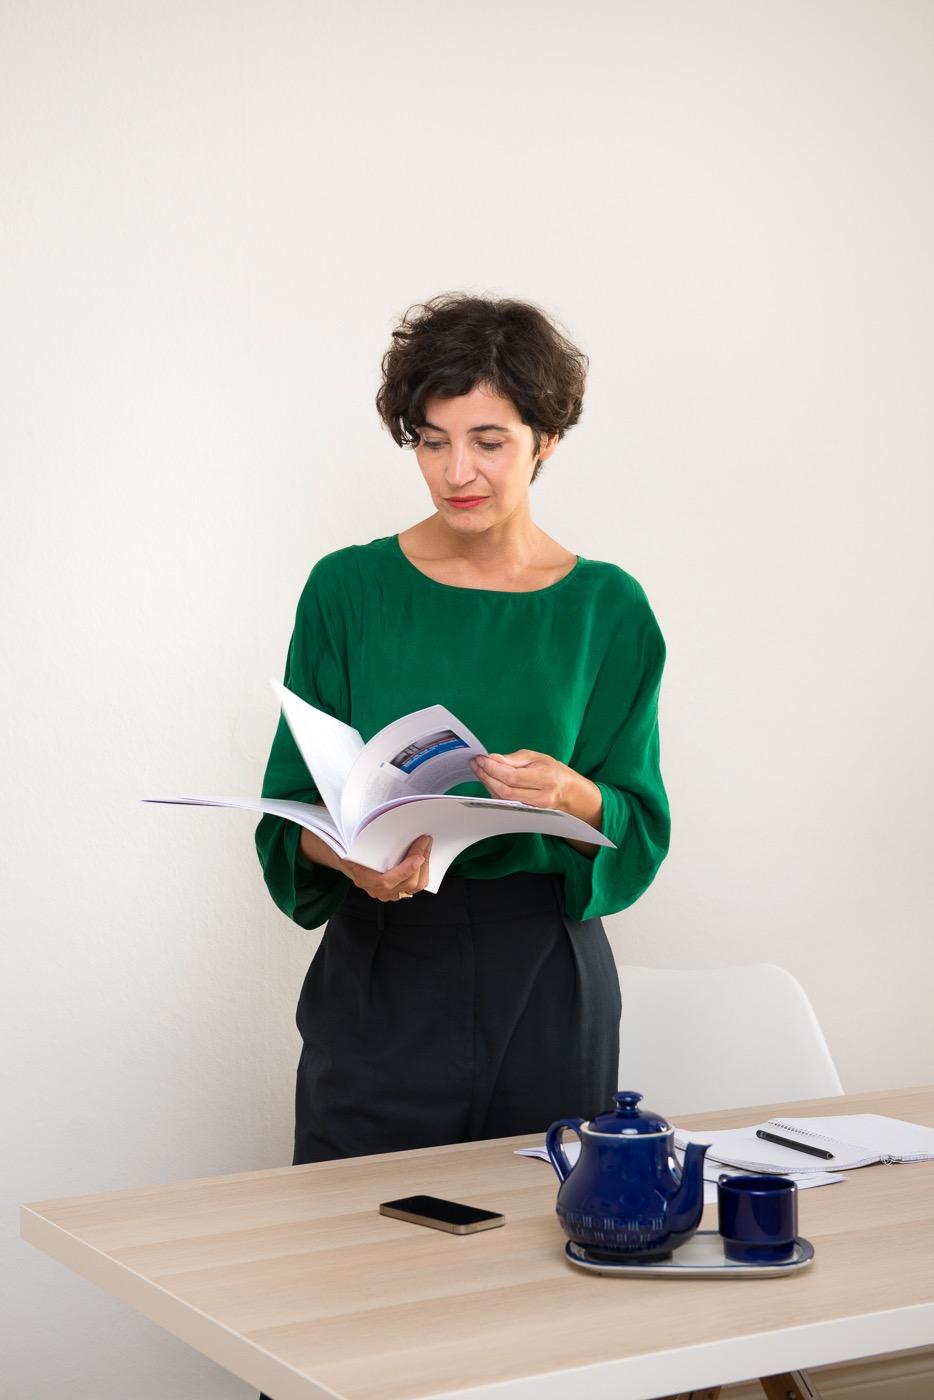 Anna-Lena von Hodenberg leitet die Beratungsstelle HateAid.